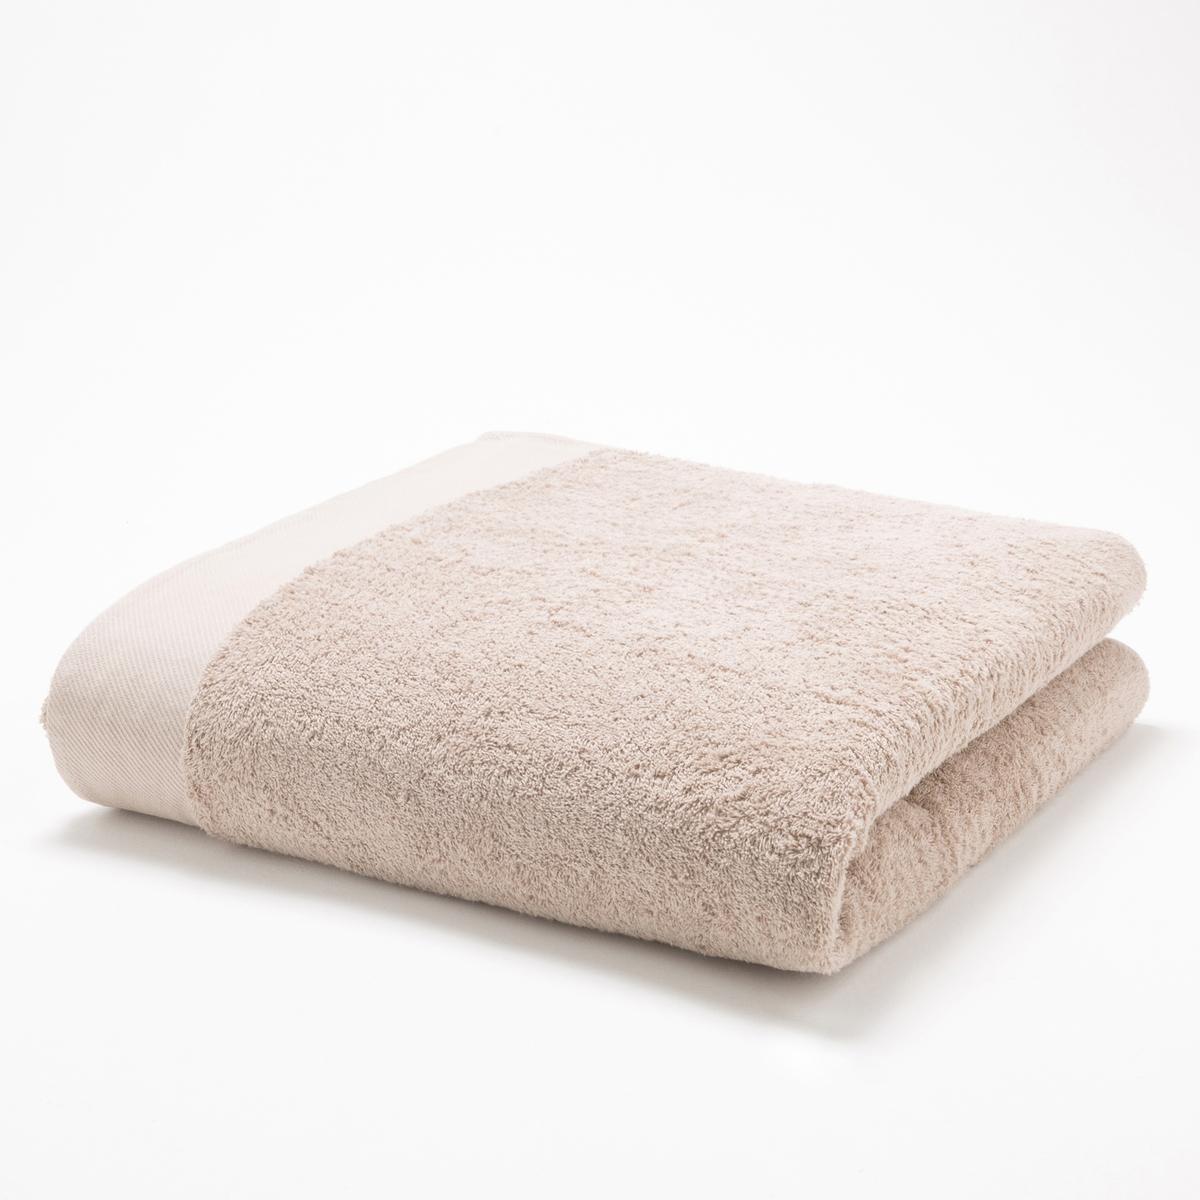 Полотенце банноеМягкая махровая ткань, 100% хлопка, 500 г/м2. Кайма диагональ. Стирка при 60°. 70 х 140 см.<br><br>Цвет: серо-бежевый,серо-синий,темно-серый,фиолетовый,черный<br>Размер: 70 x 140 см